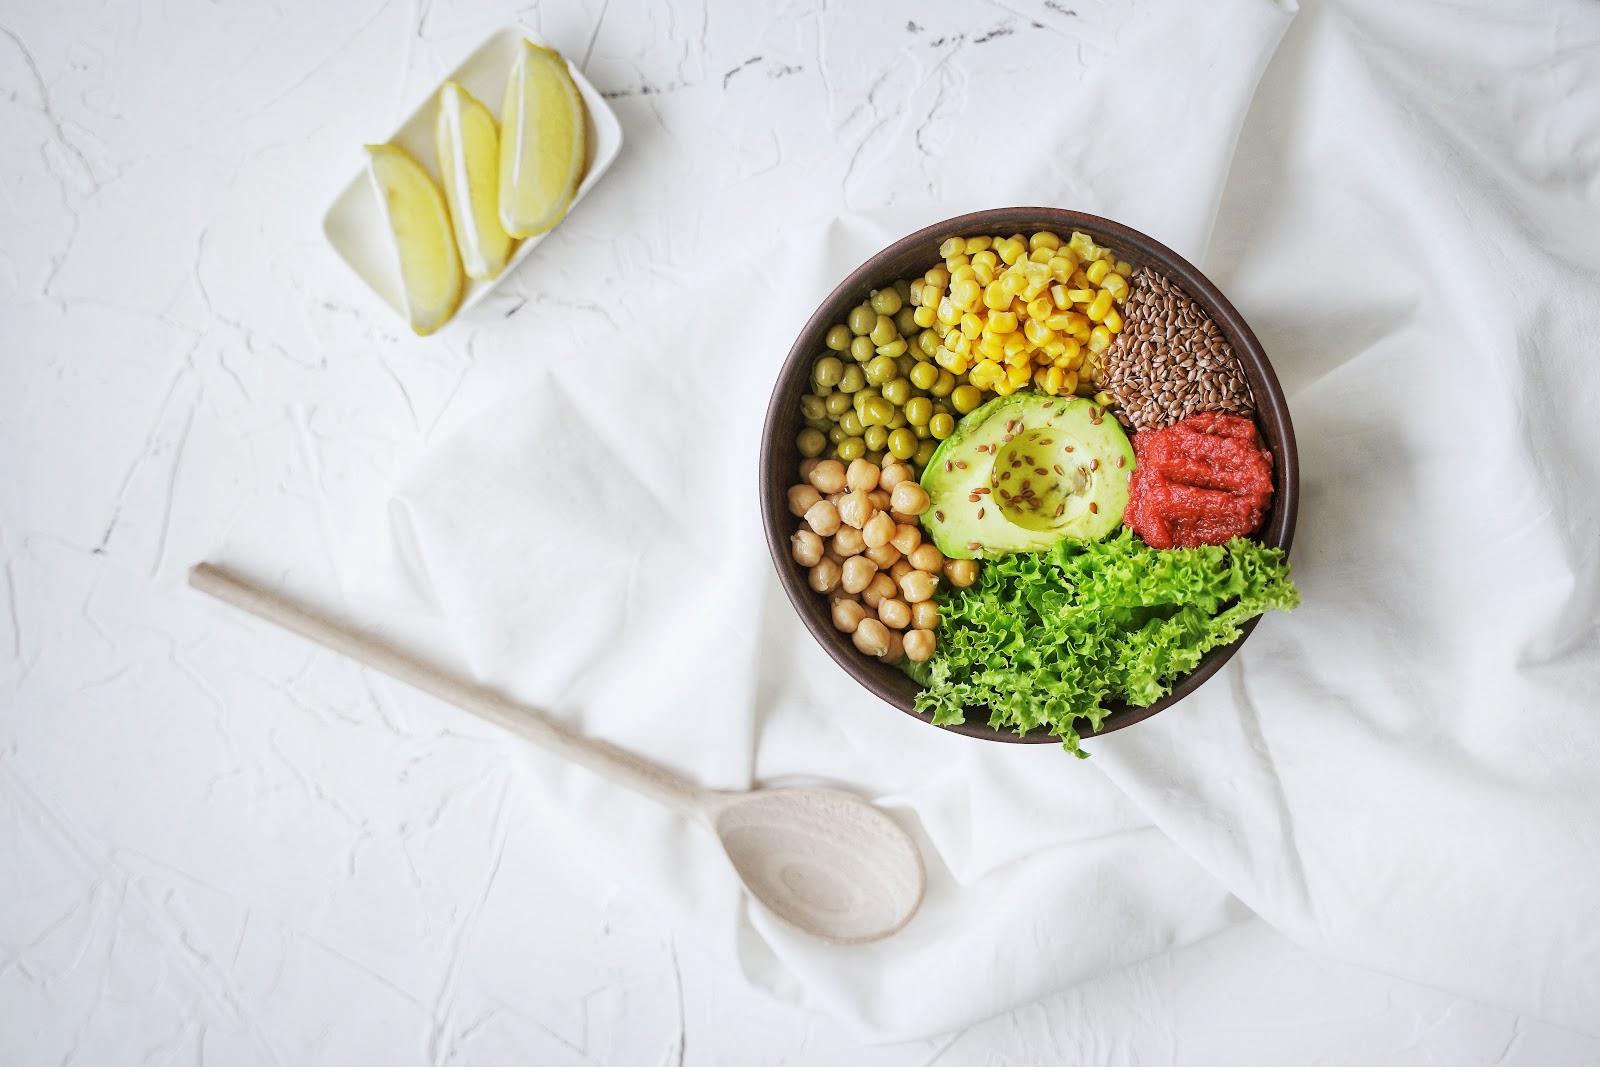 Men's meal plan for better energy